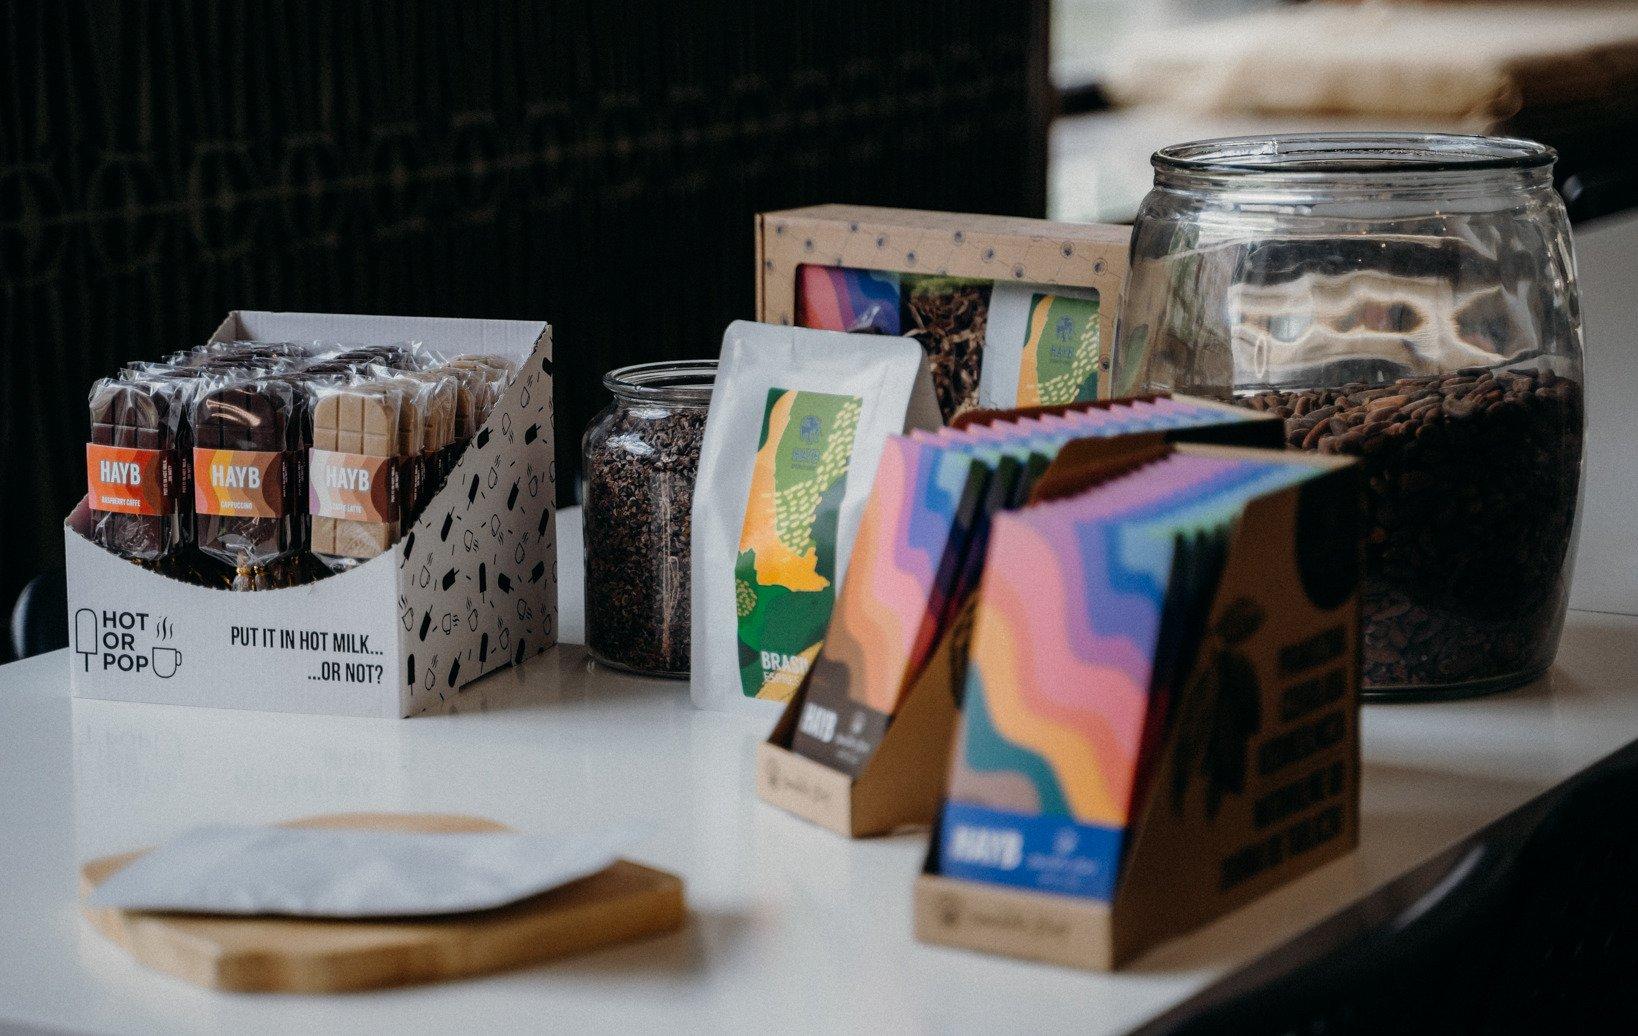 Czekoladowo-kawowa kooperacja. Manufaktura Czekolady Chocolate Story i palarnia kawy HAYB ze wspólnym projektem